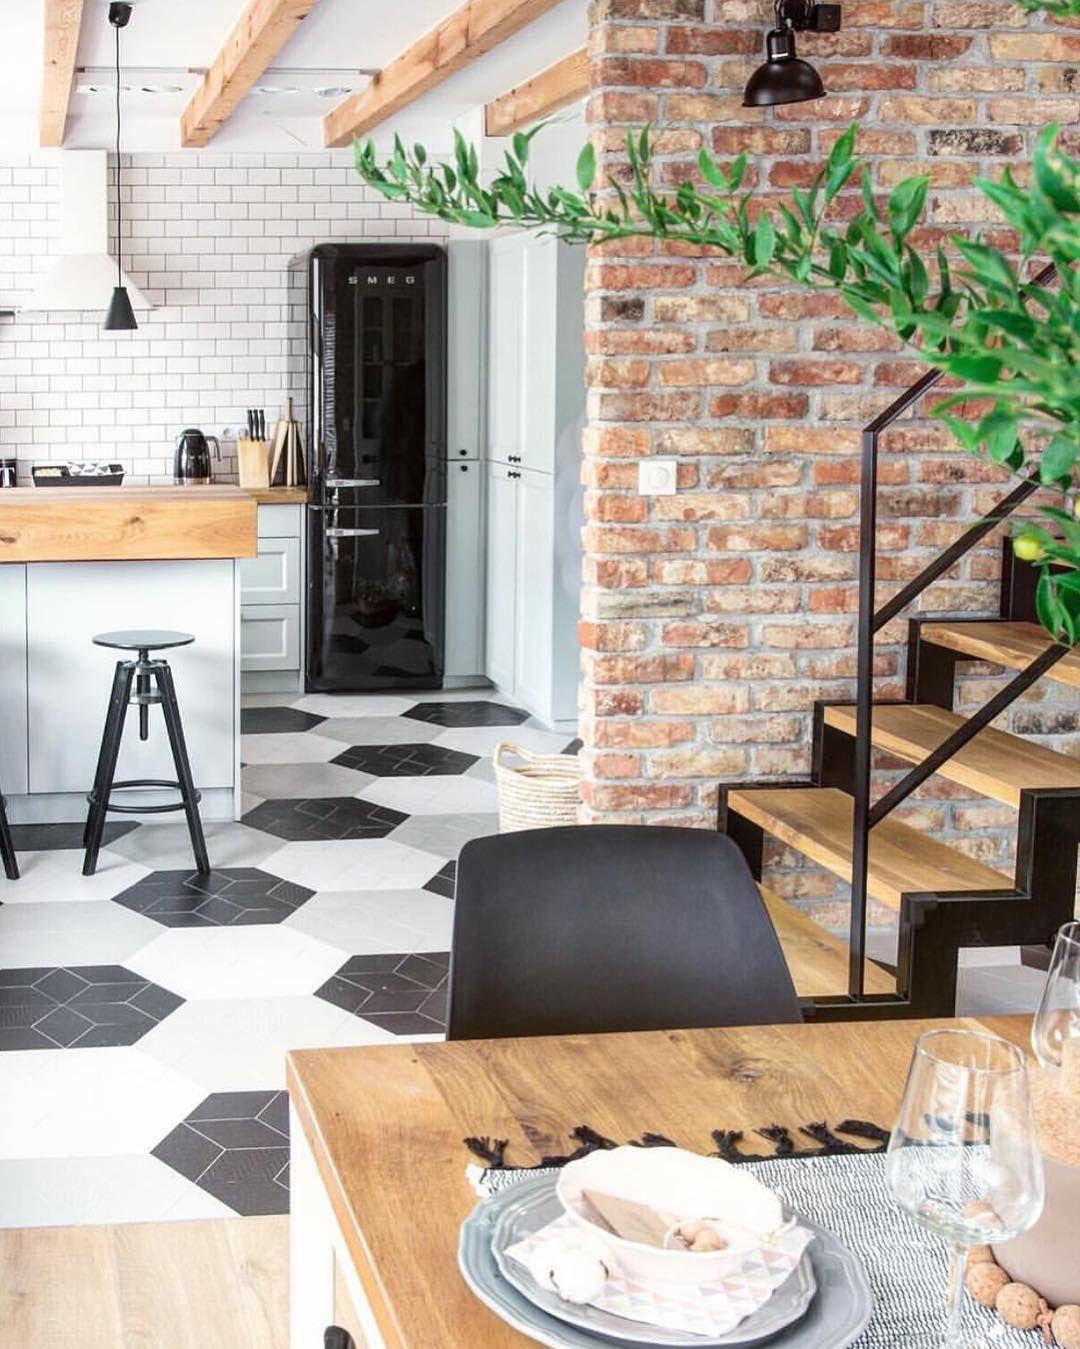 Inspira O Do Dia Pagina O De De Piso E Azulejo De Metro Na Cozinha